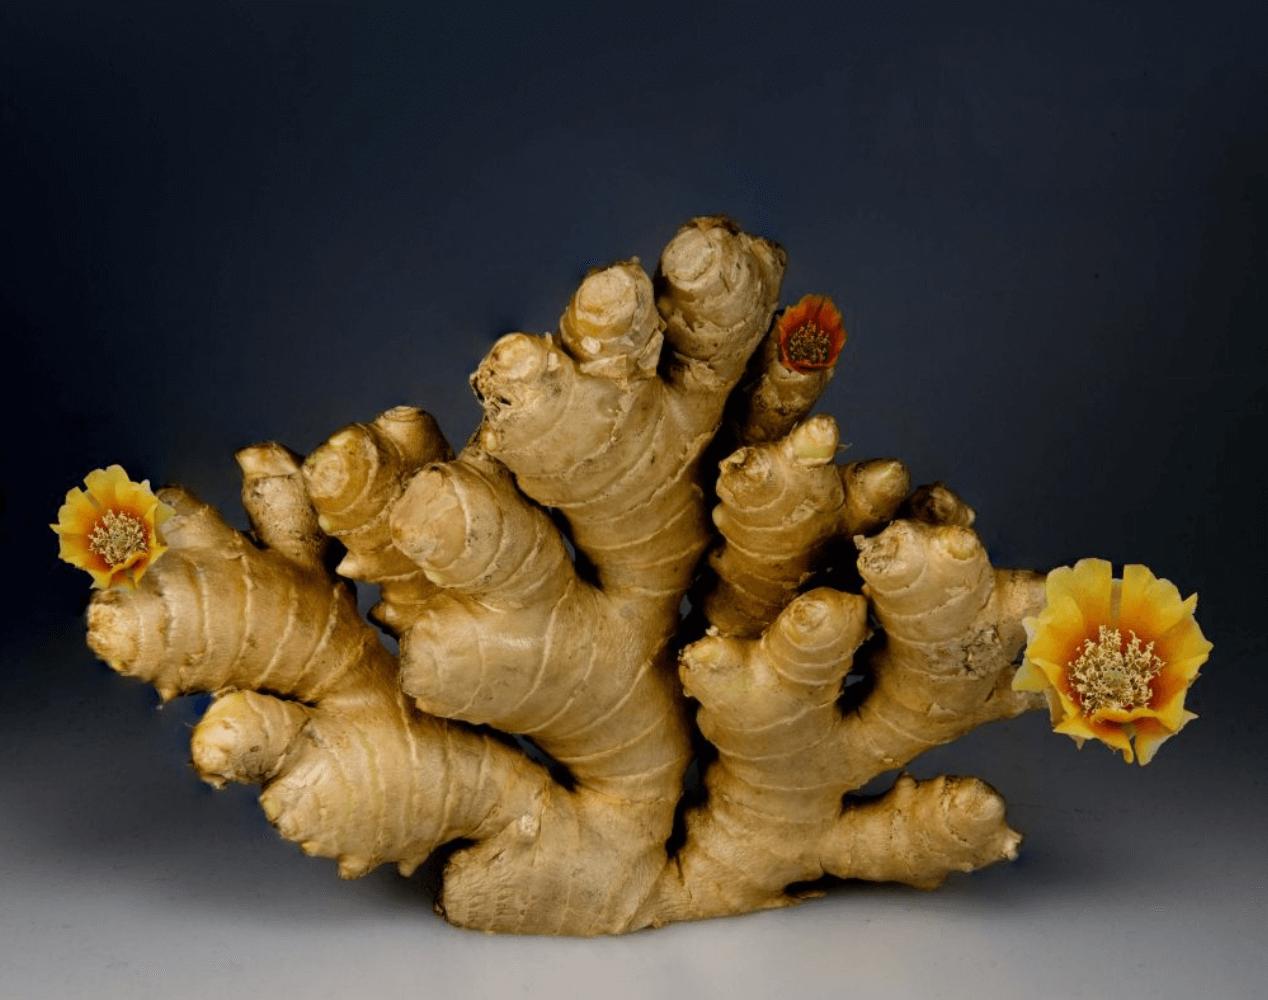 Ginger diet